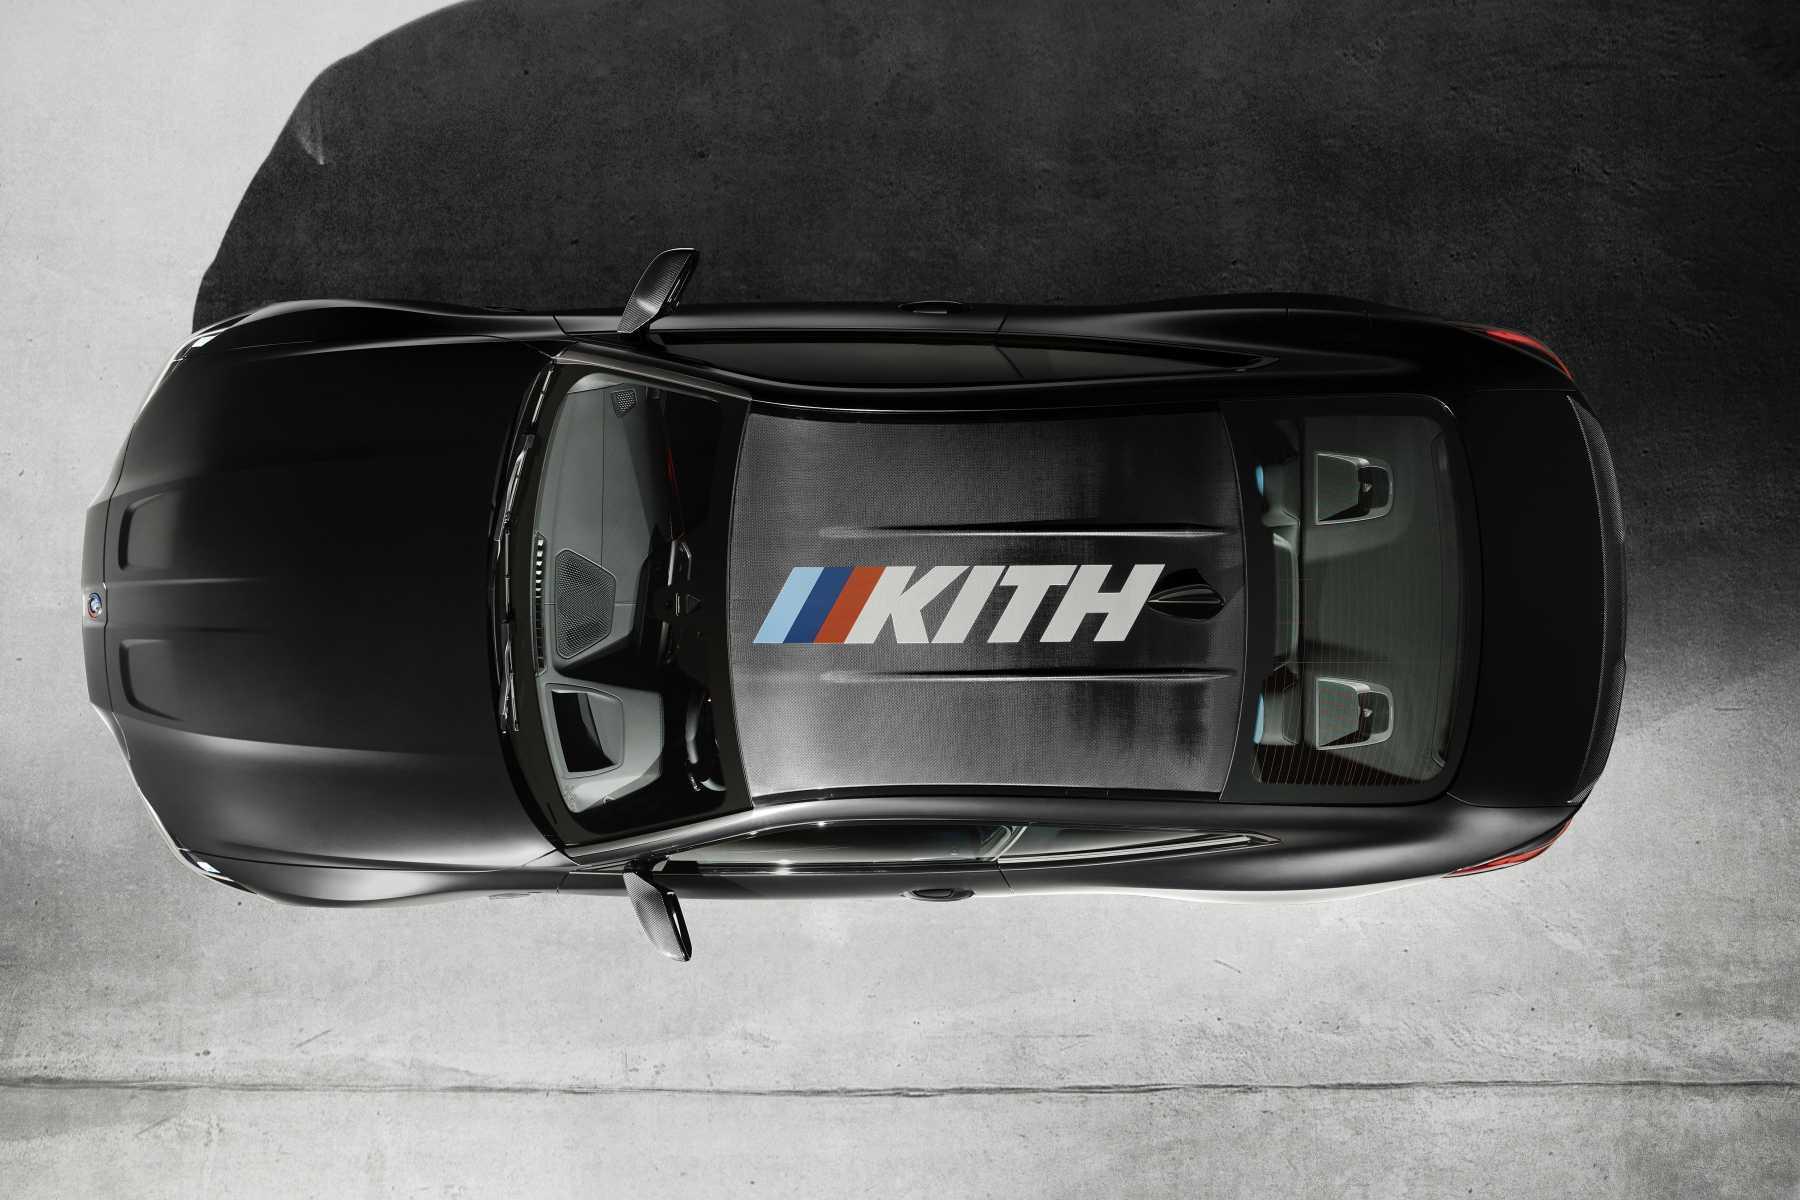 BMW x KITH bmw m4 competition x 10